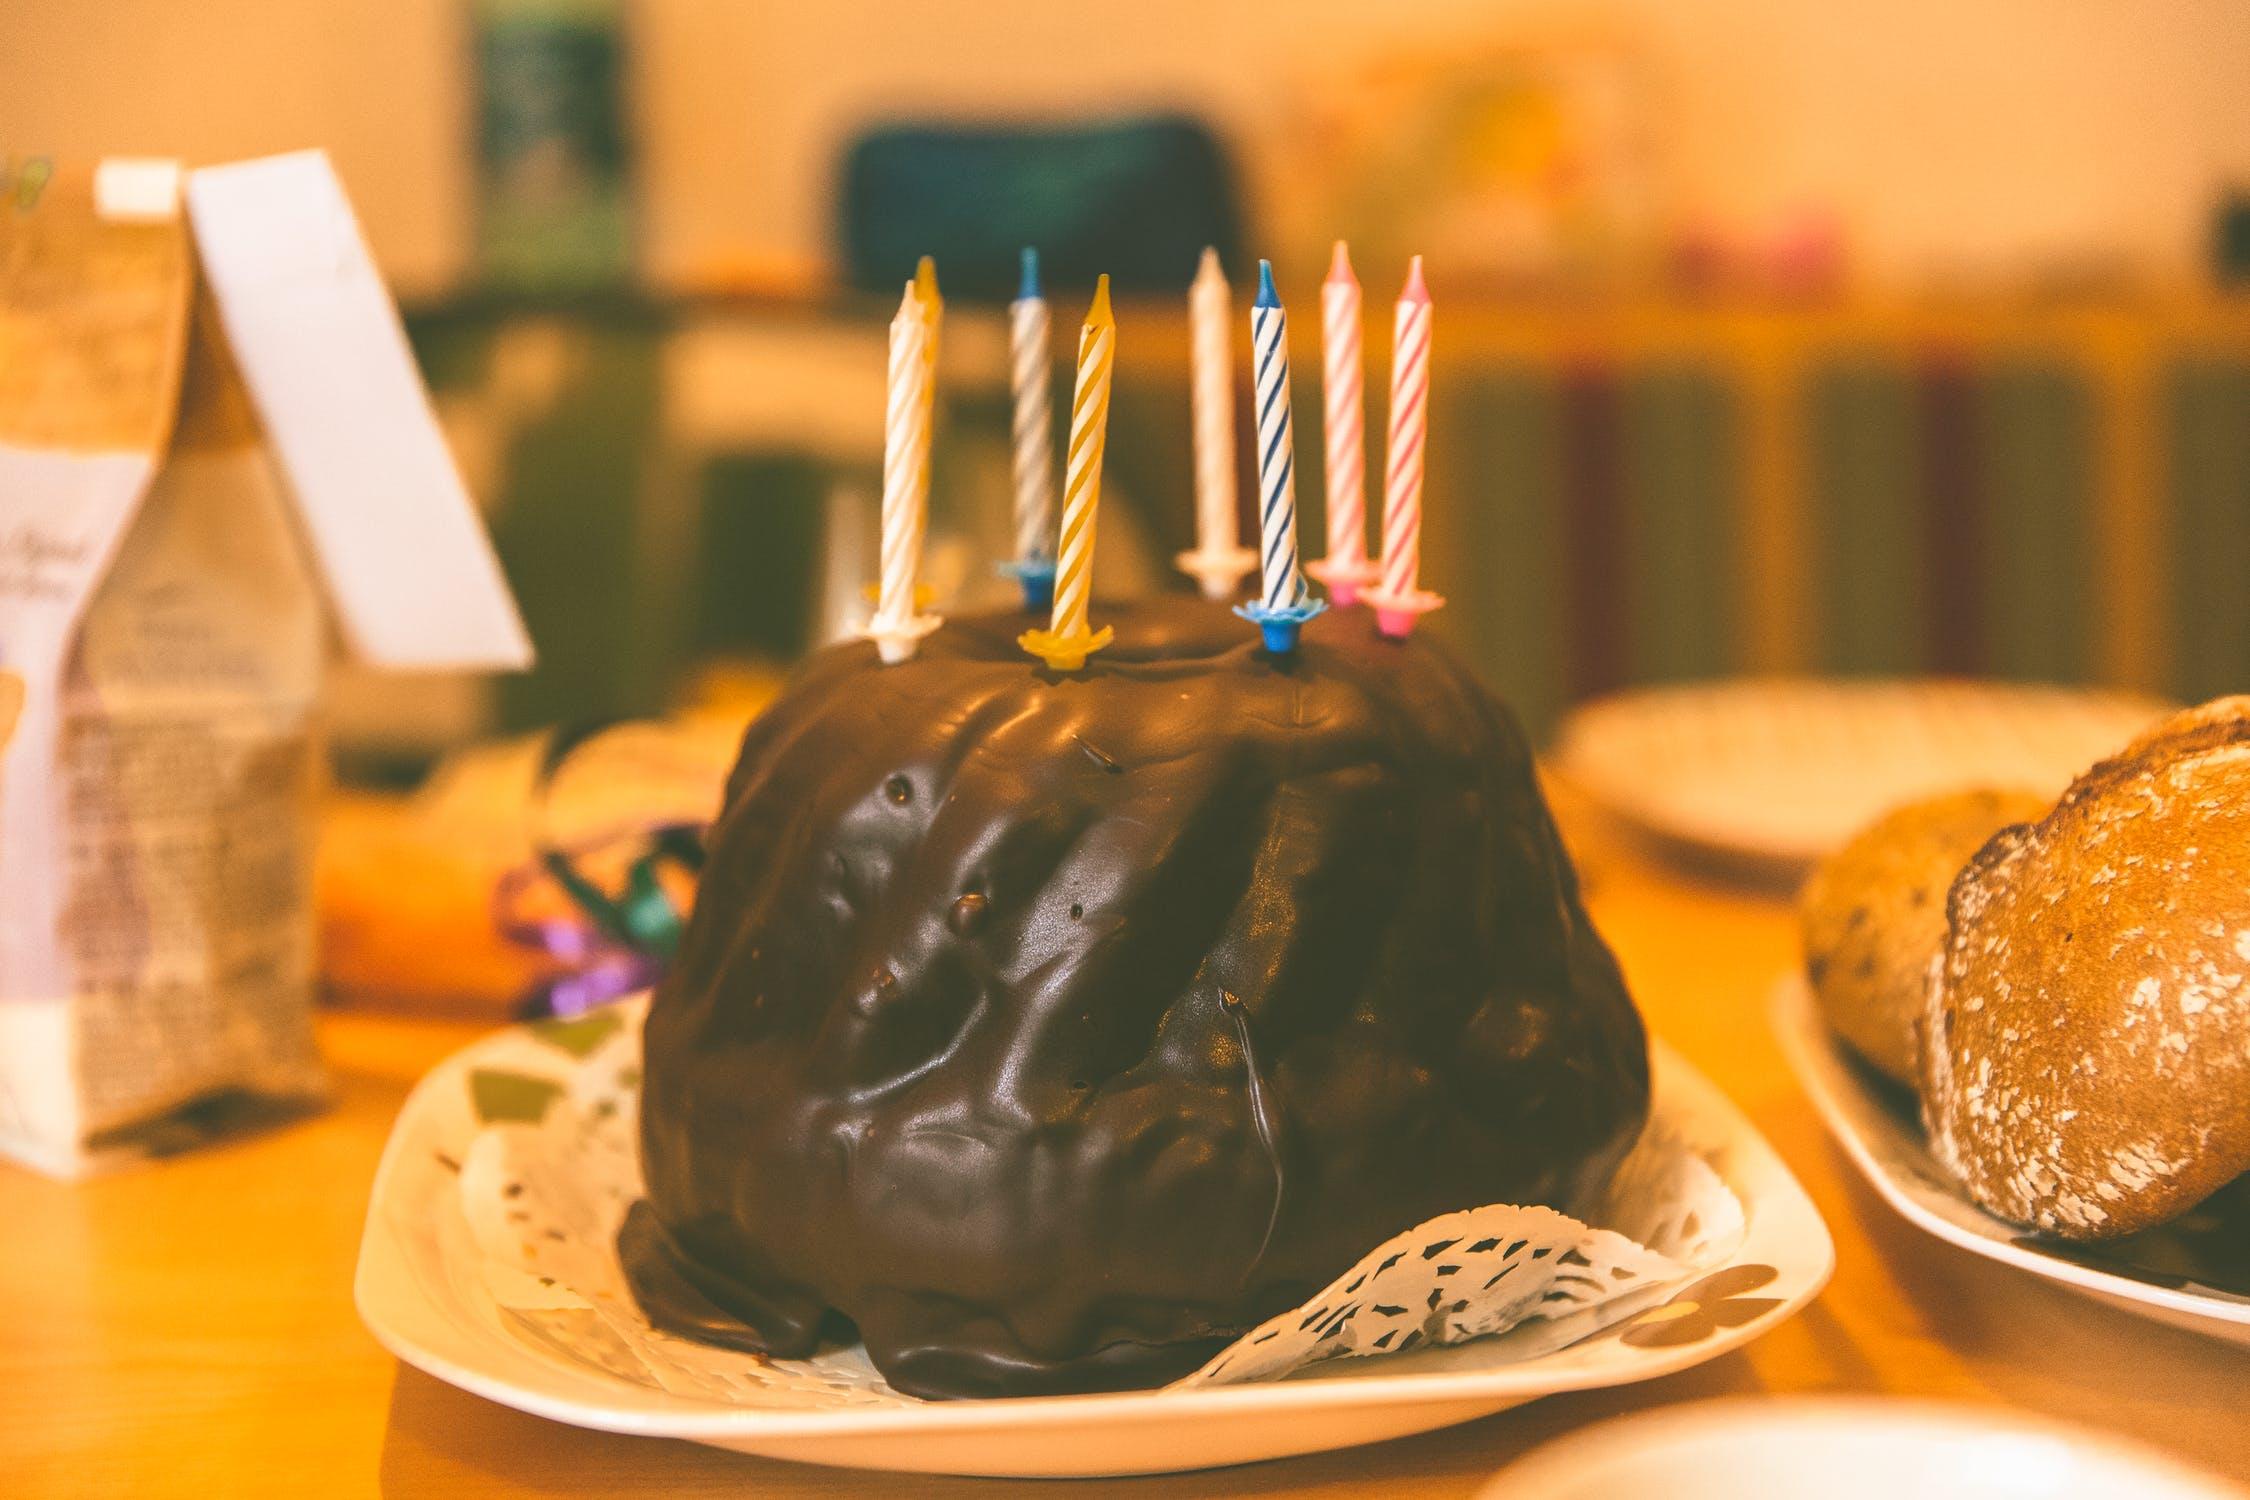 शोधकर्ताओं ने इस अध्ययन में कुछ लोगों को शामिल किया. इनमे एक फोइल पर केक की आइसिंग फैलाई और उस पर कैंडल जला दी. फिर शोध में शामिल लोगों से पिज्जा खाने को कहा गया और उसके बाद मोमबत्तियां बुझाने को निर्देश दिया गया.